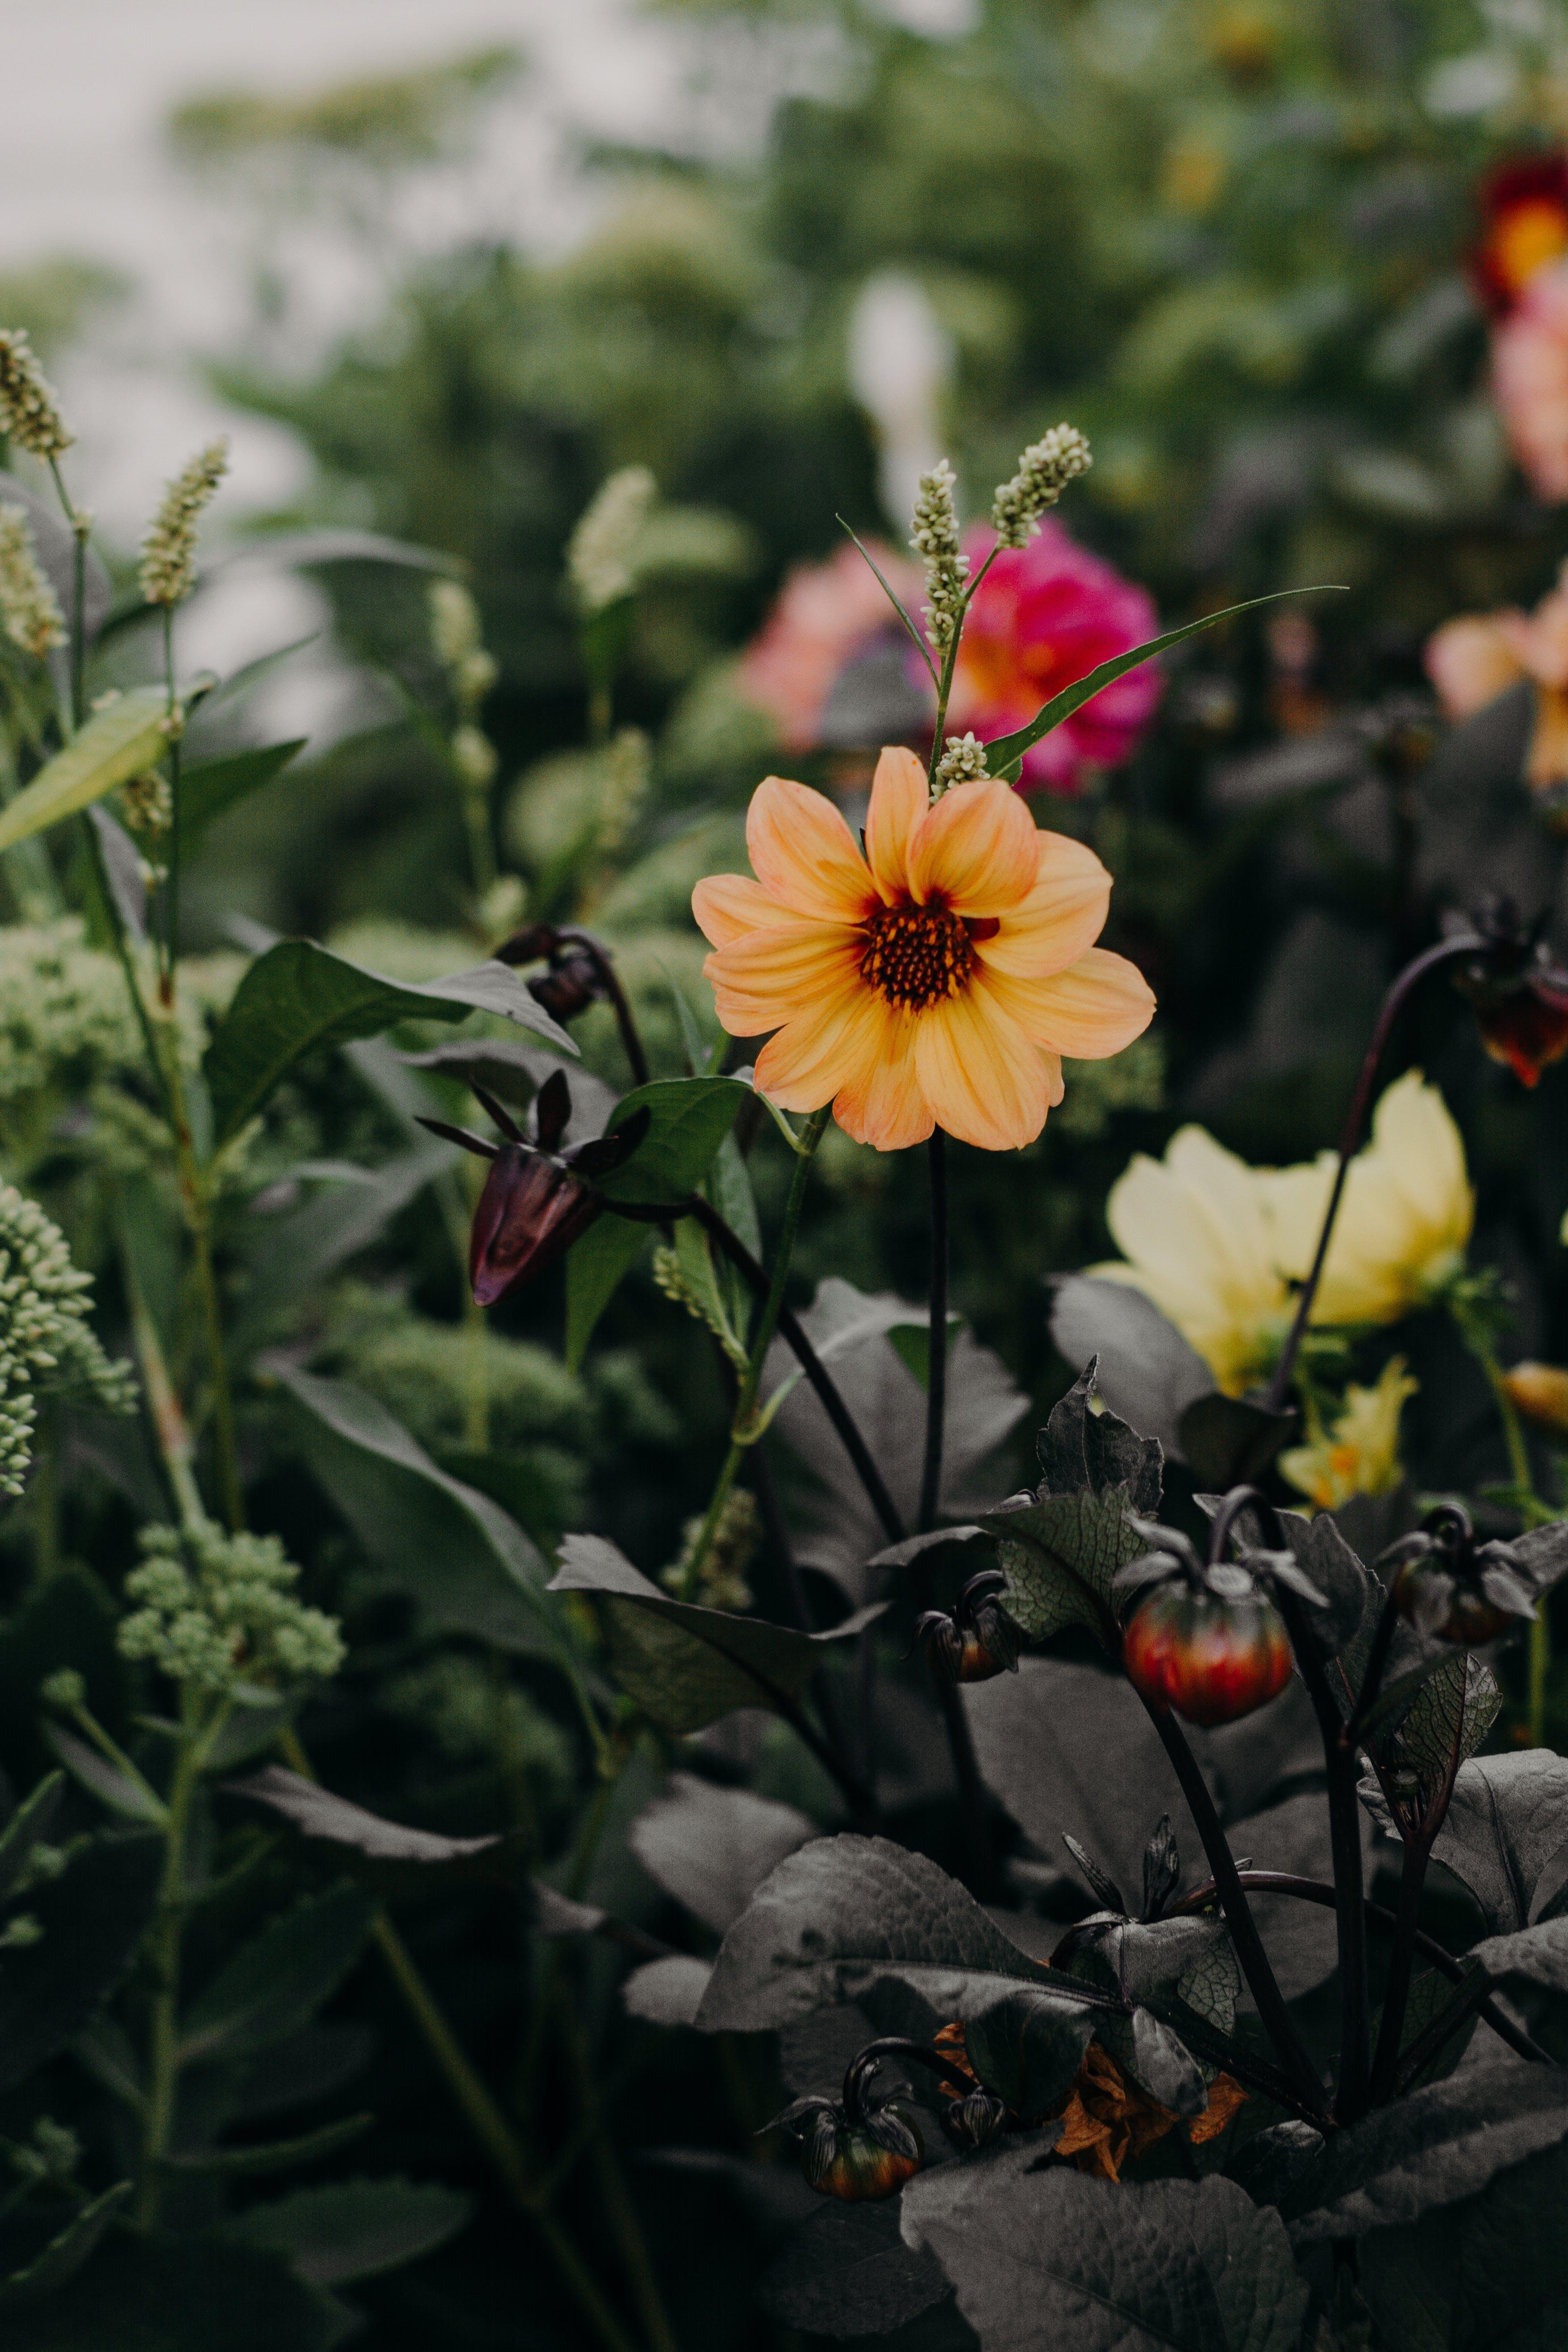 HD 바탕화면, 공원, 꽃, 꽃이 피는의 무료 스톡 사진